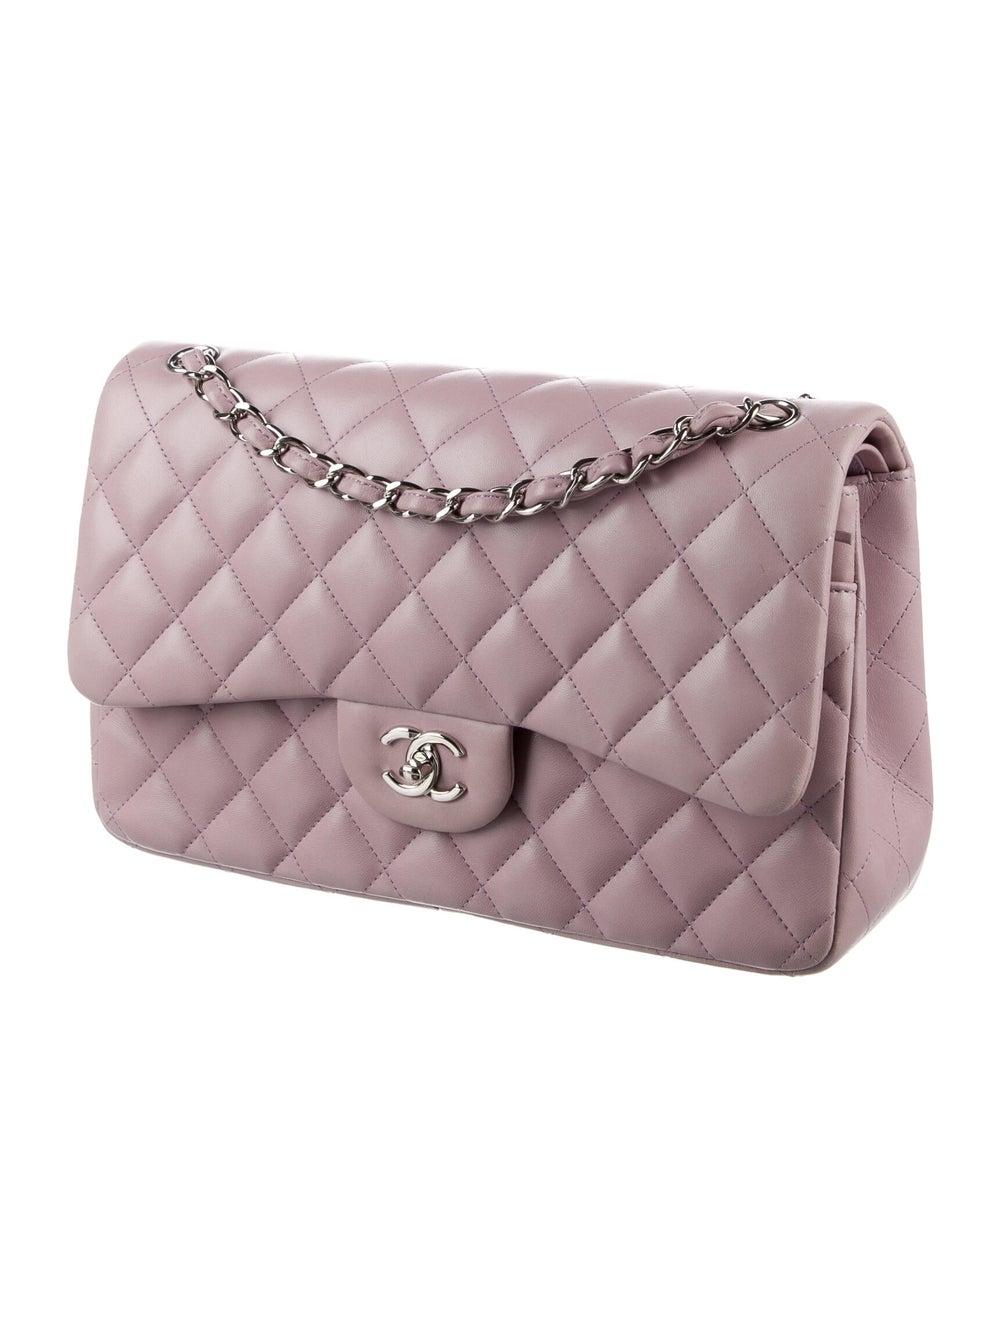 Chanel Classic Jumbo Double Flap Bag Purple - image 3